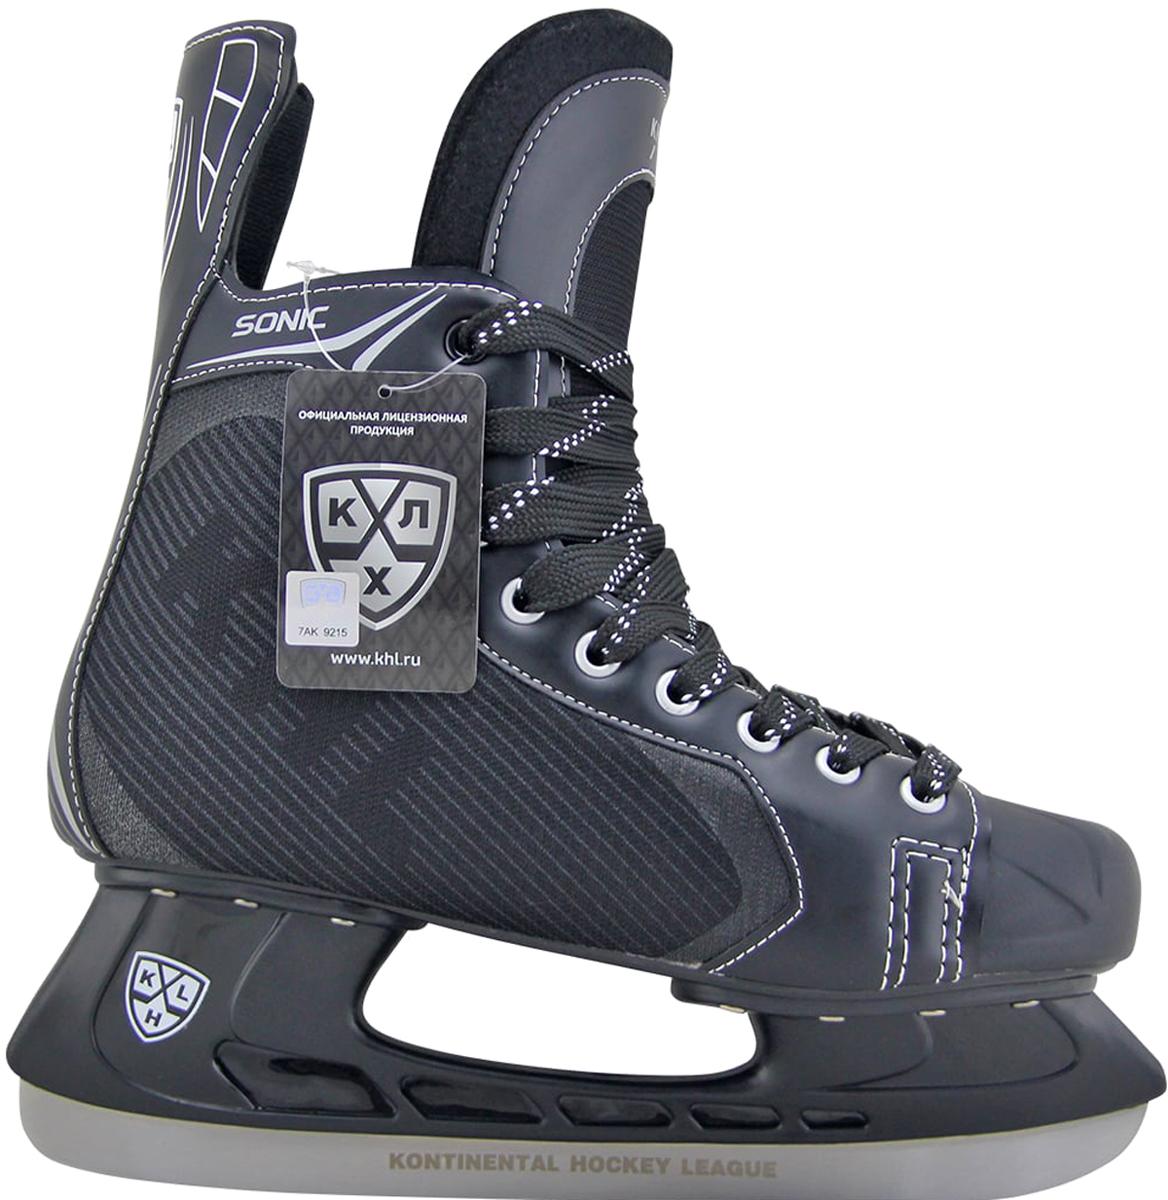 """Коньки хоккейные мужские KHL """"Sonic"""", цвет: черный, серый, белый. Размер 45"""